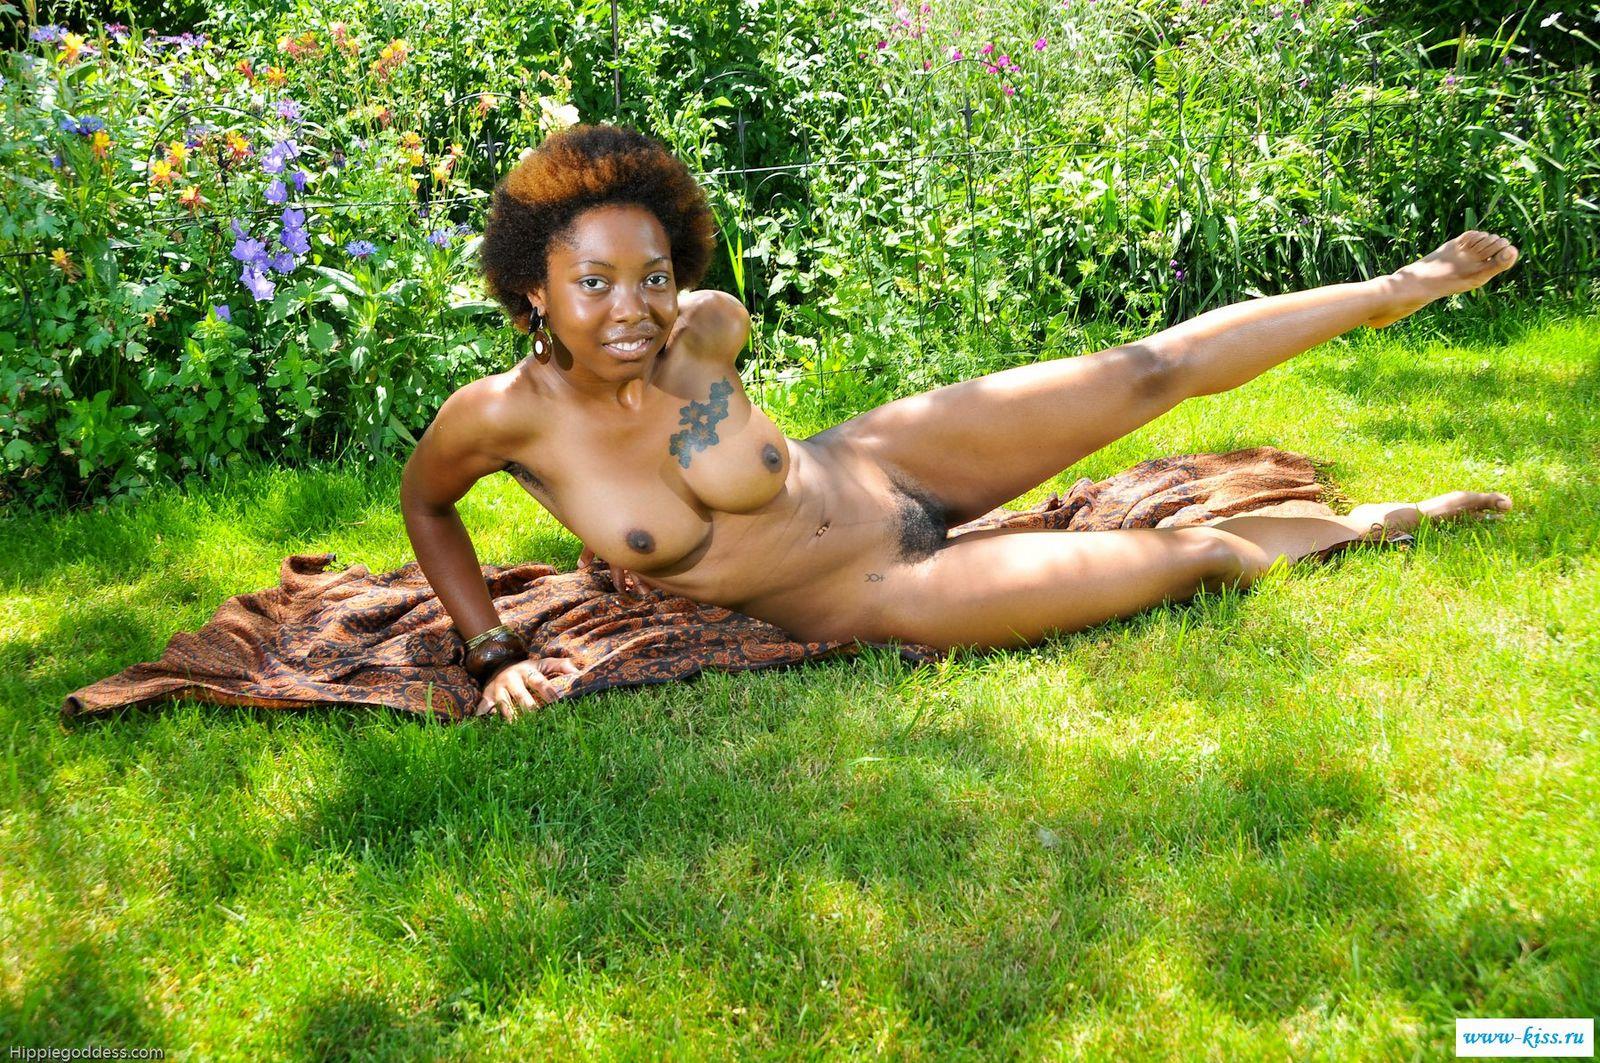 Голая негритянка резвится на поляне